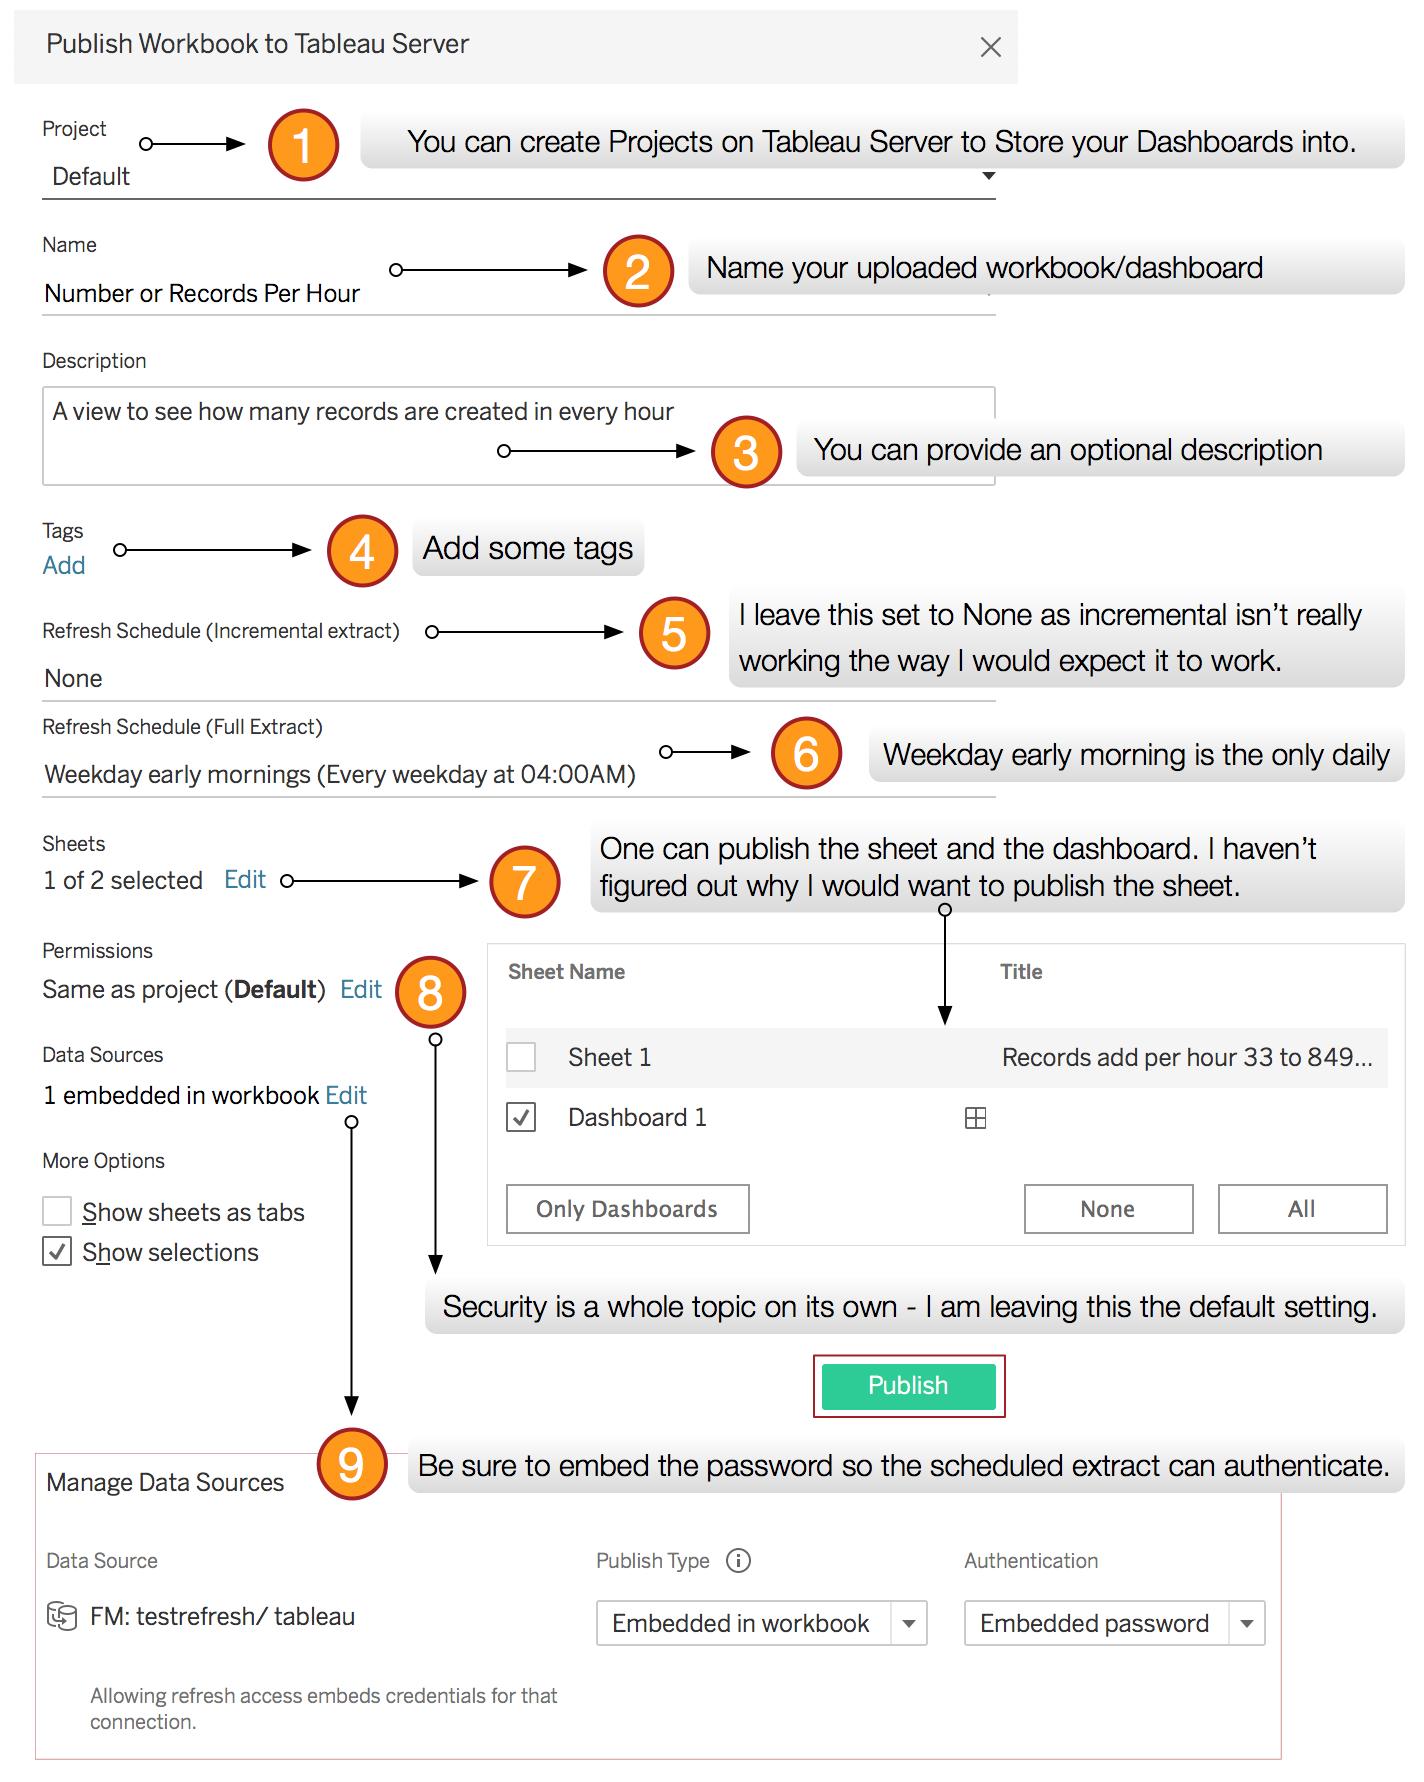 Publish Workbook to Tableau Server steps